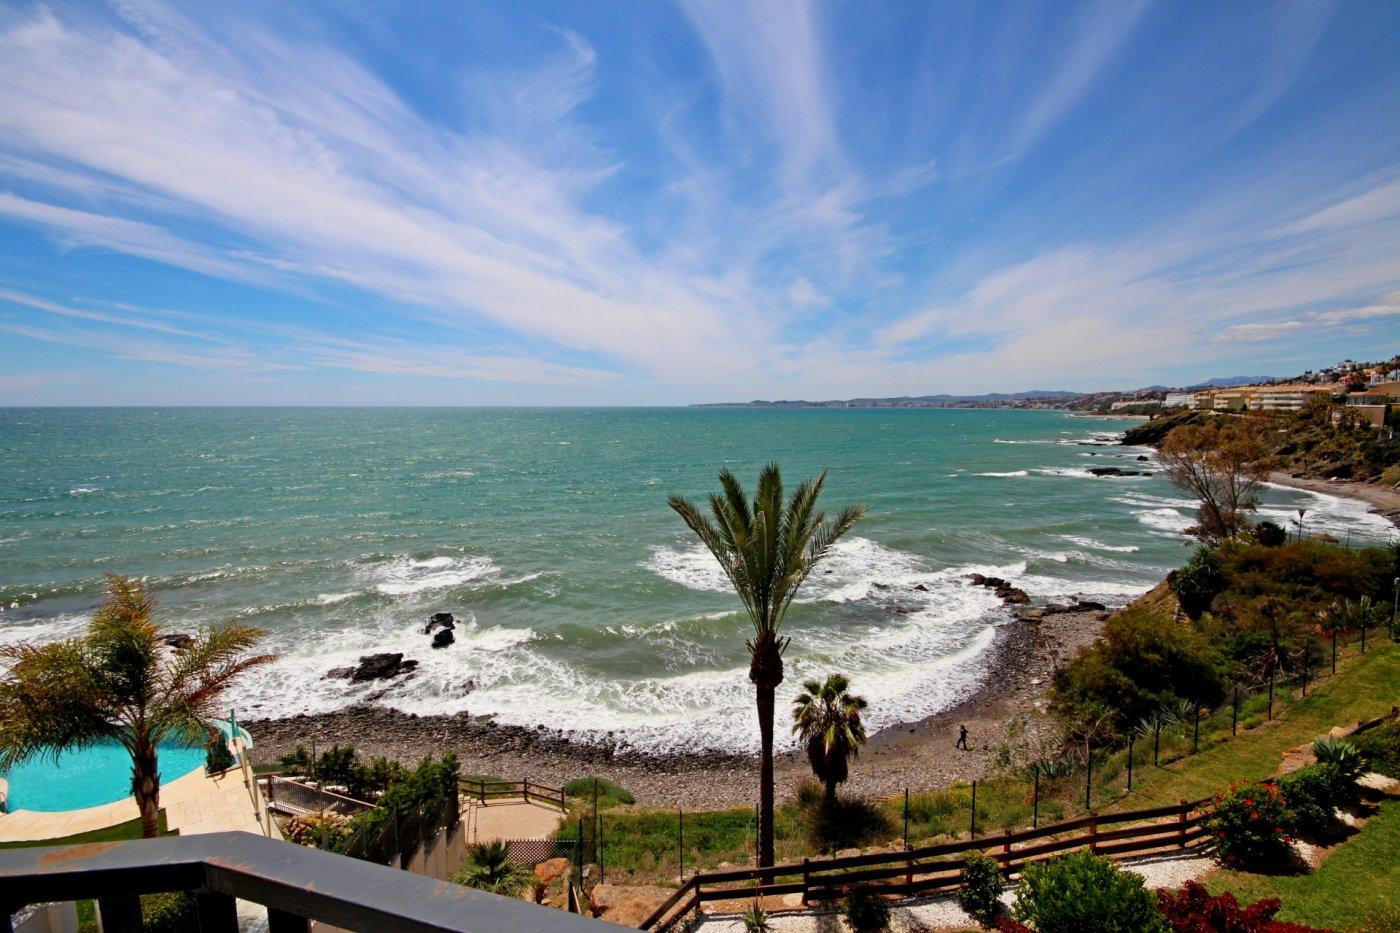 Piso de lujo con vistas frontales al mar en benalmadena costa - imagenInmueble0